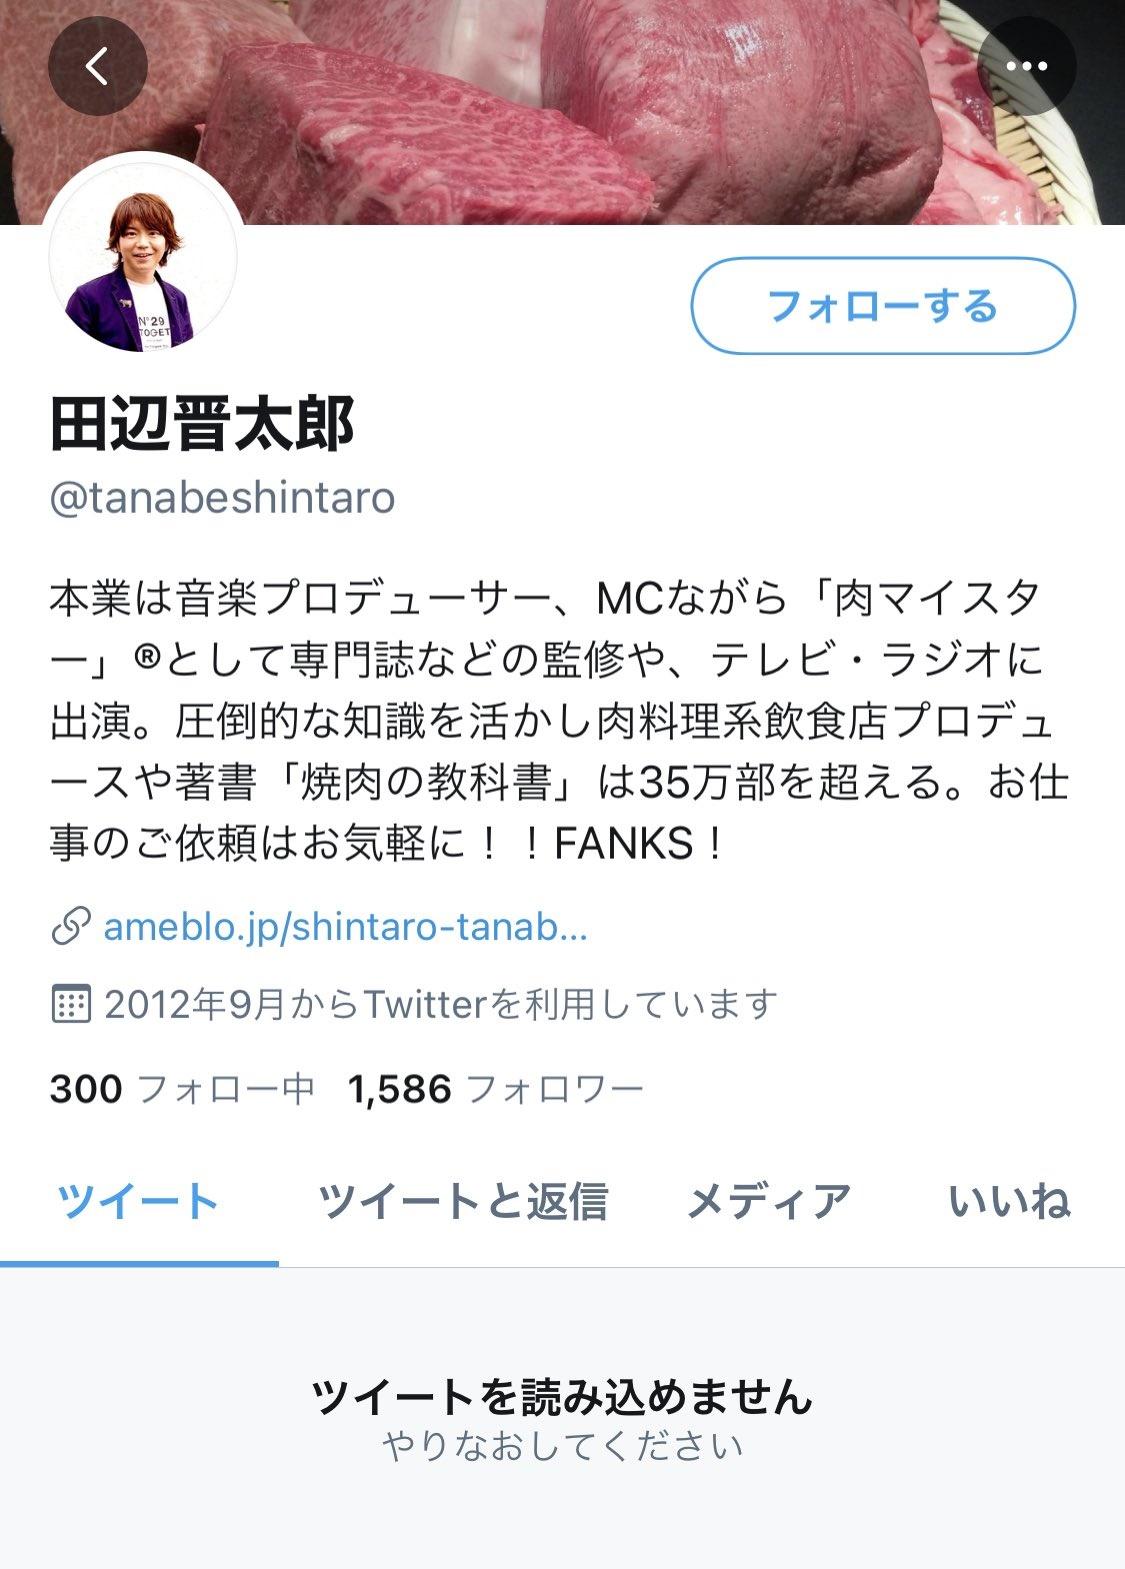 tanabeshintarou-Twitter